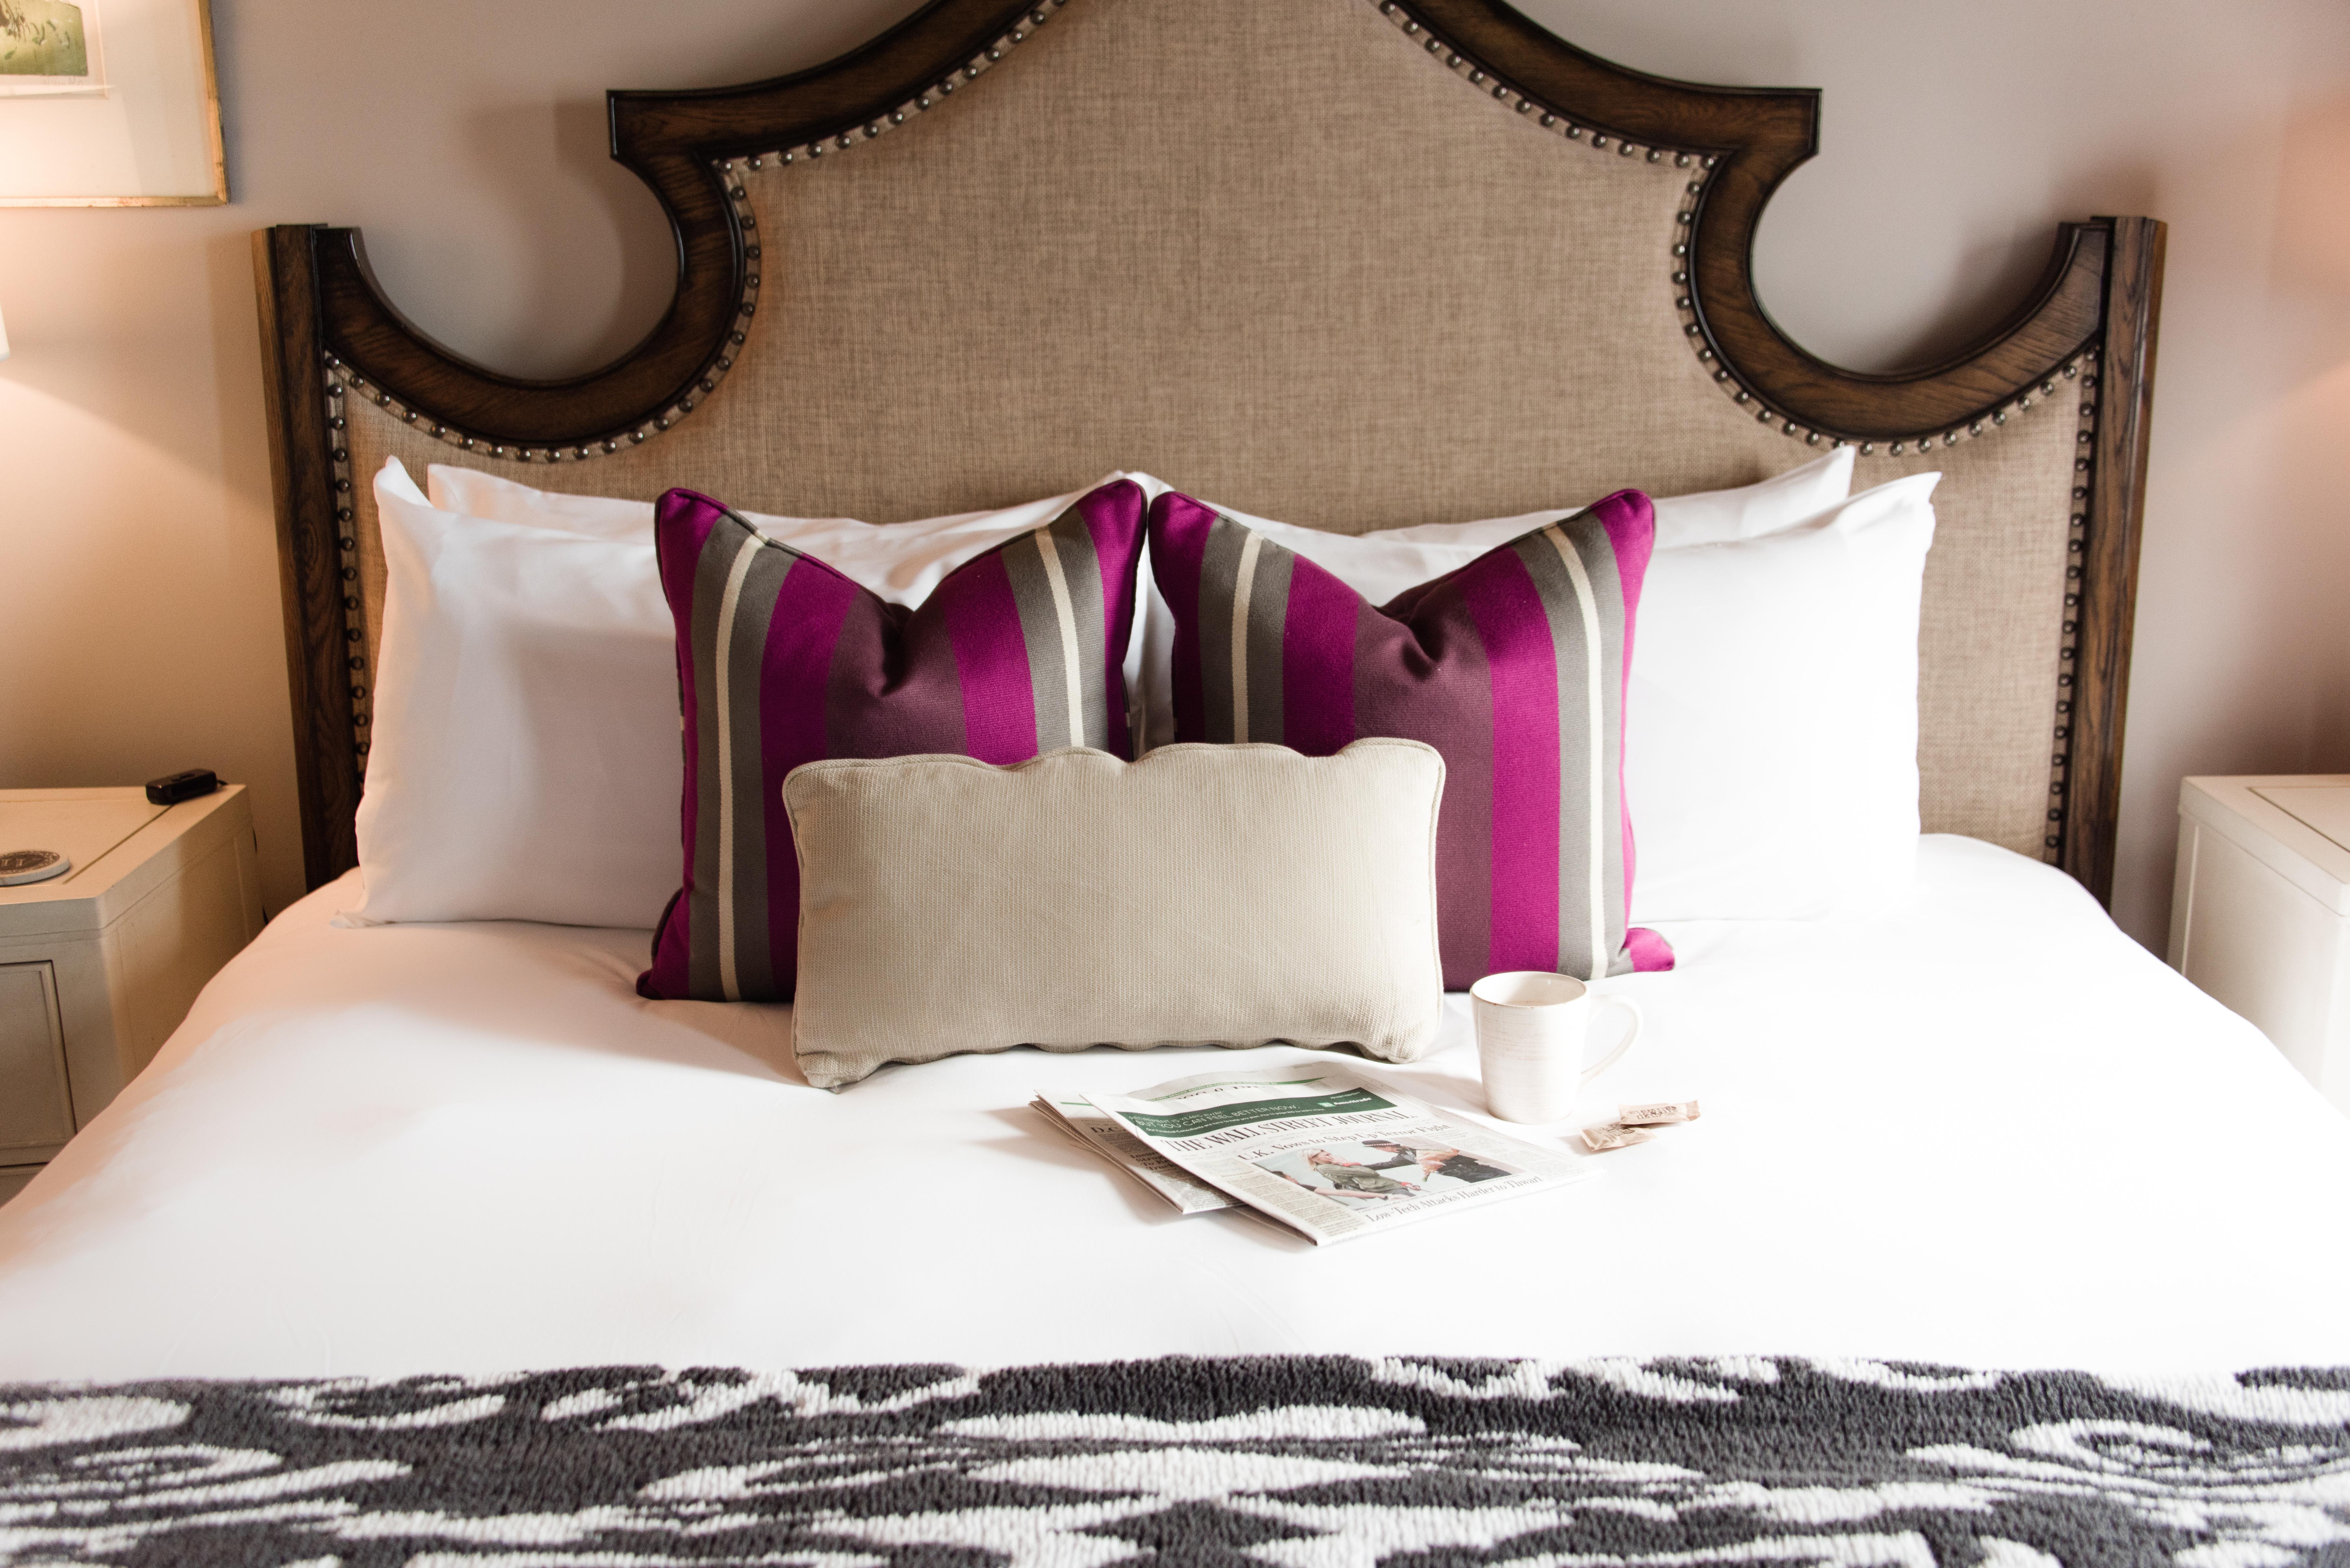 Windsor-bed-room-nashville-north-carolina.jpg?mtime=20180212111024#asset:100409